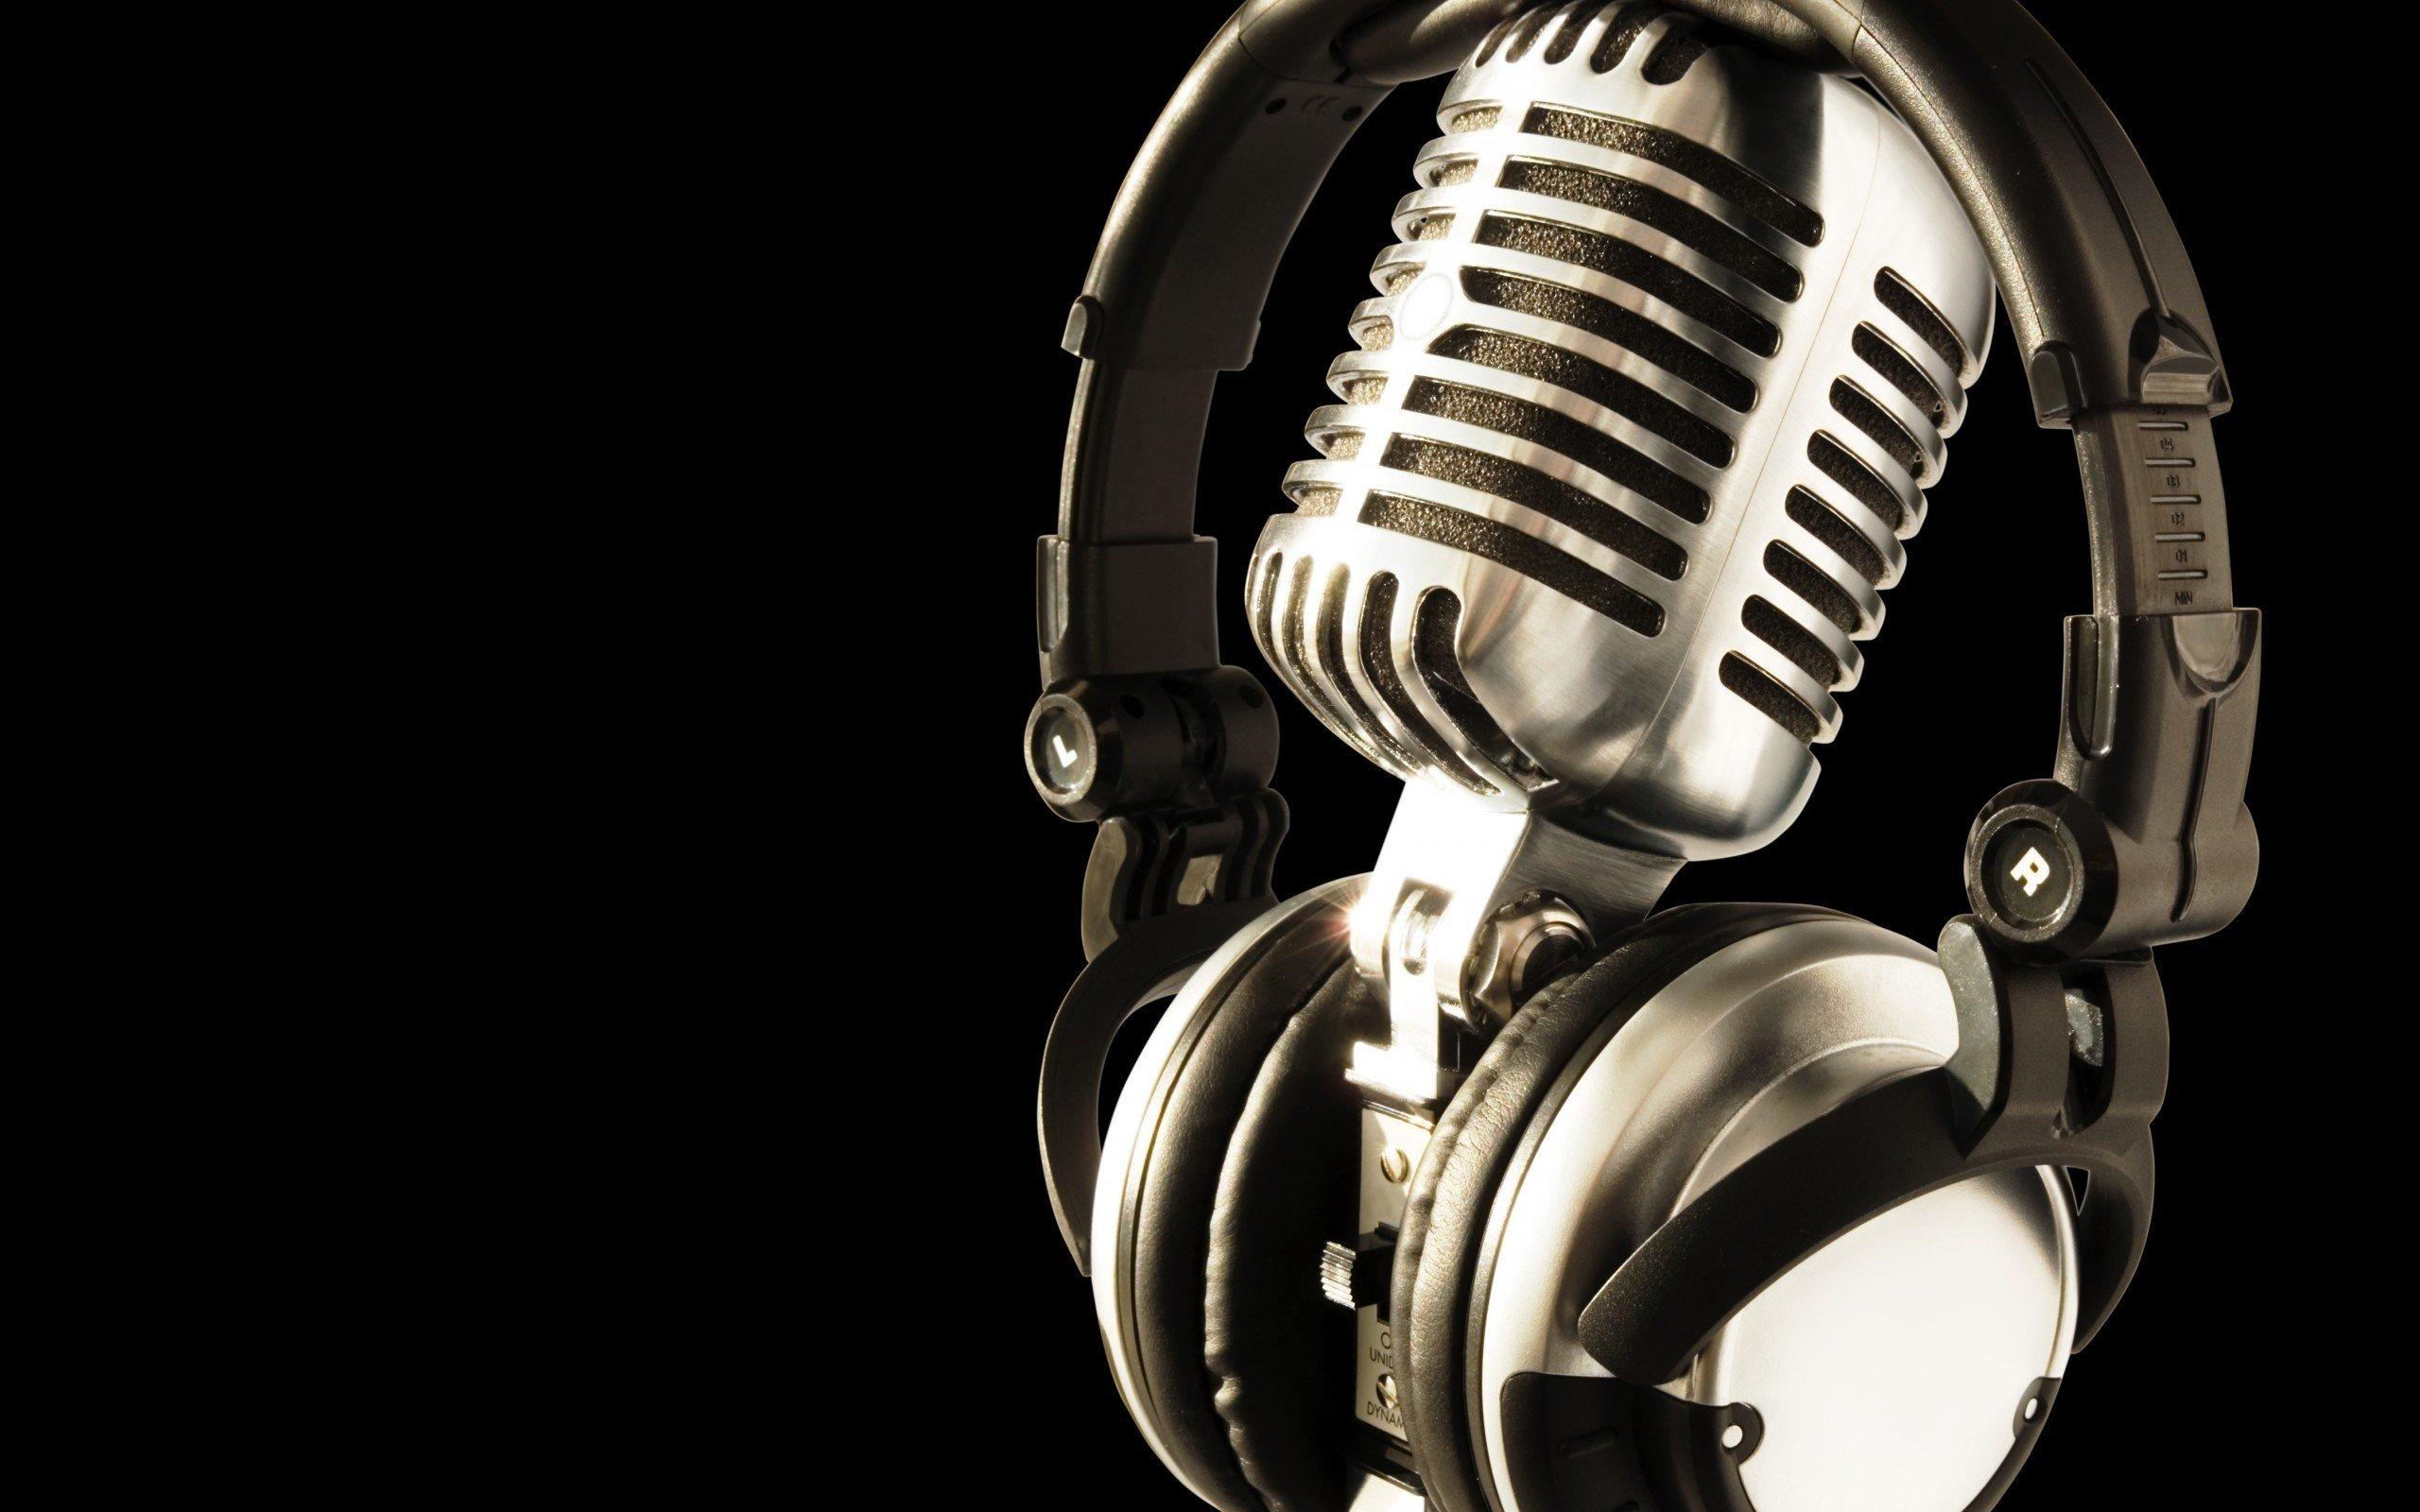 Headphones Music Studio Microphones Black Background